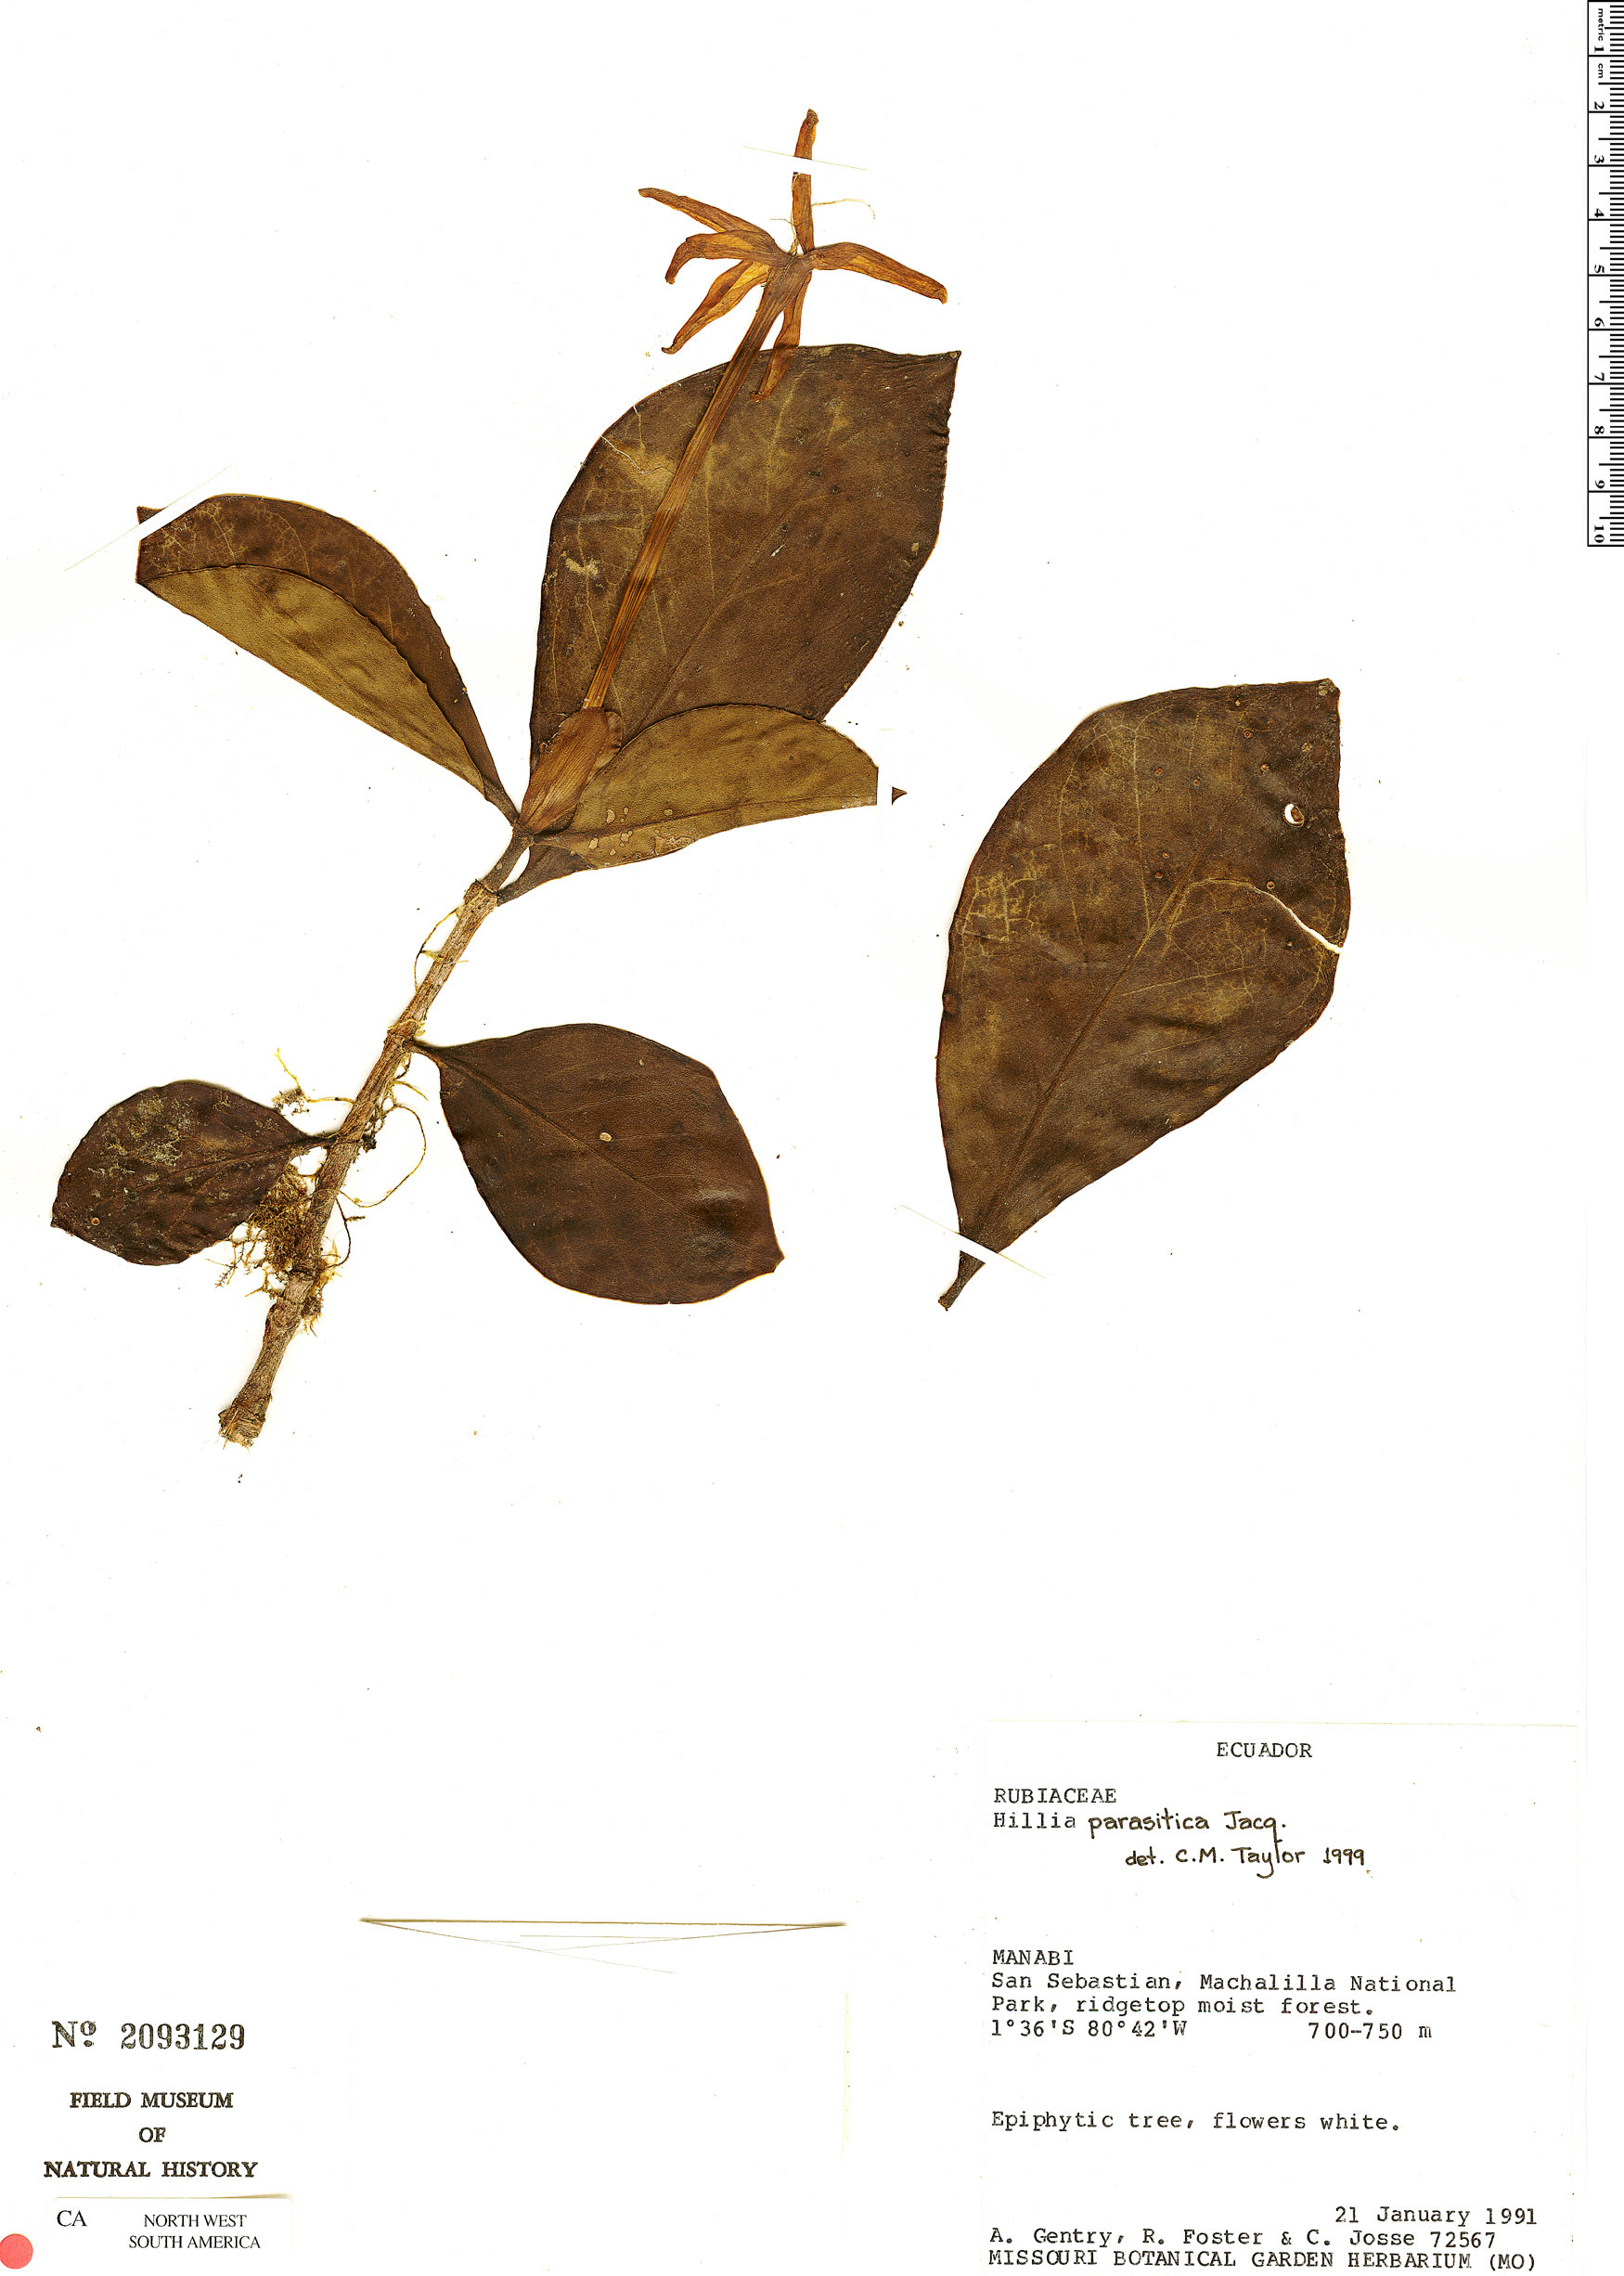 Specimen: Hillia parasitica